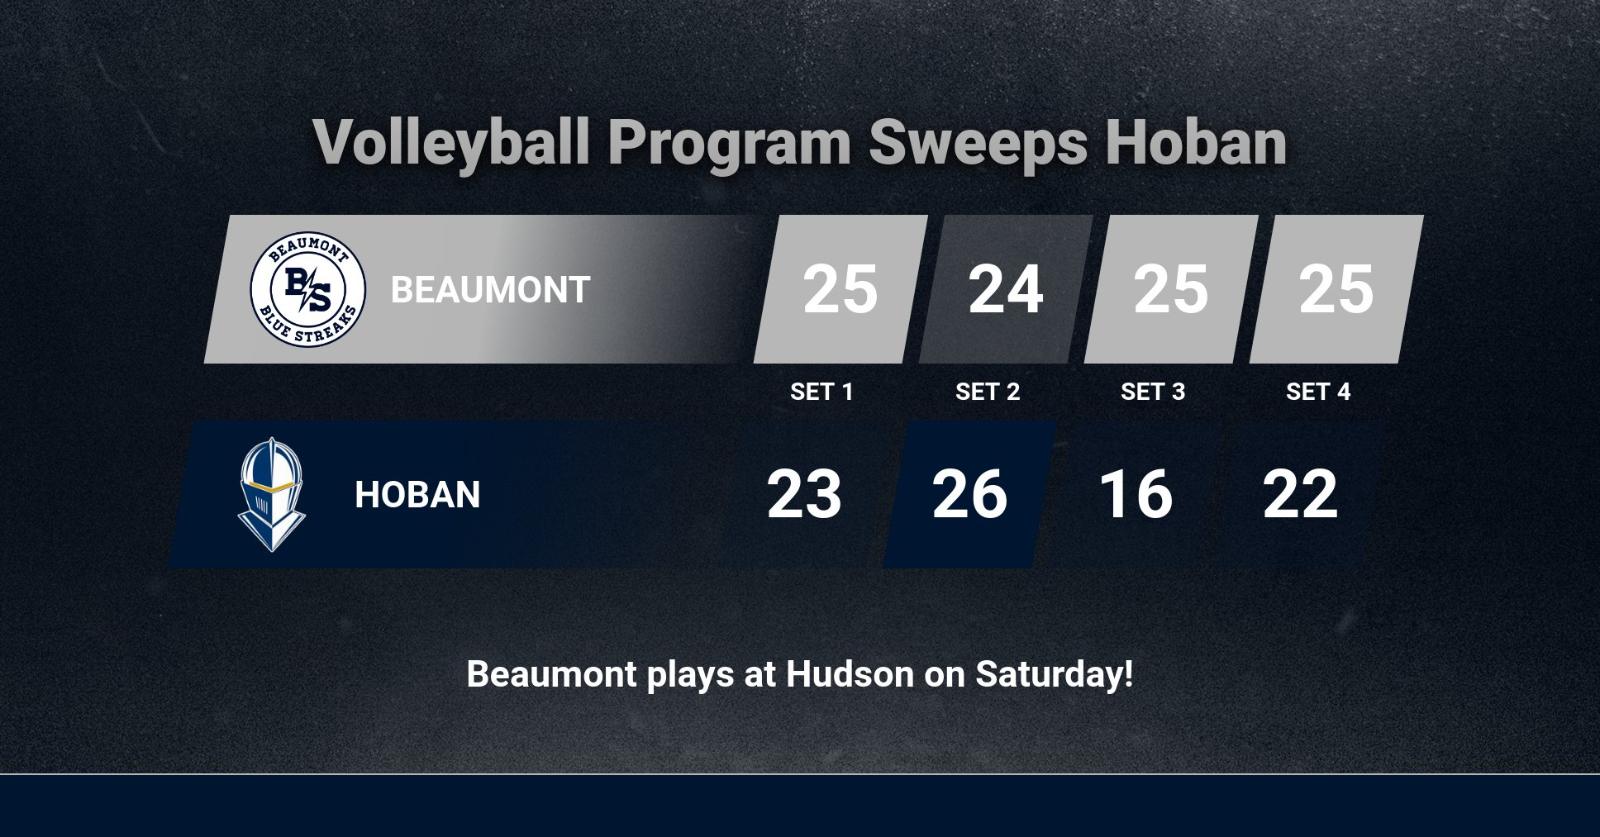 Volleyball Program Sweeps Hoban